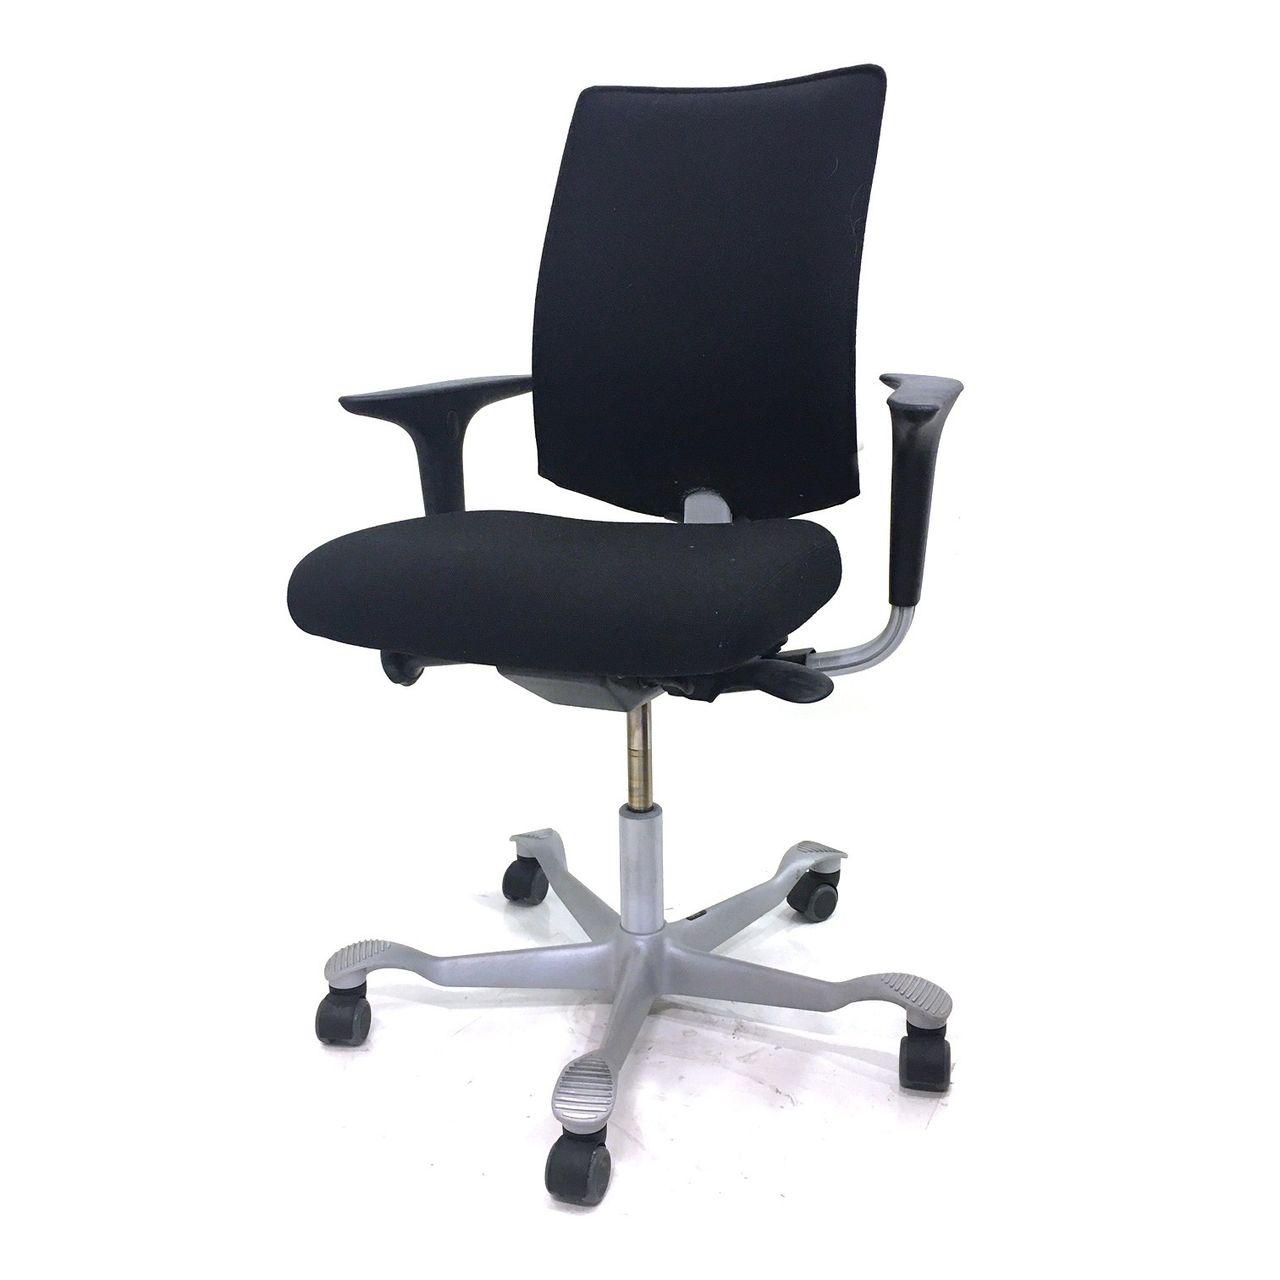 Håg H05 5400 L kontorstoler BRUKTE KONTORMØBLER | FINN.no